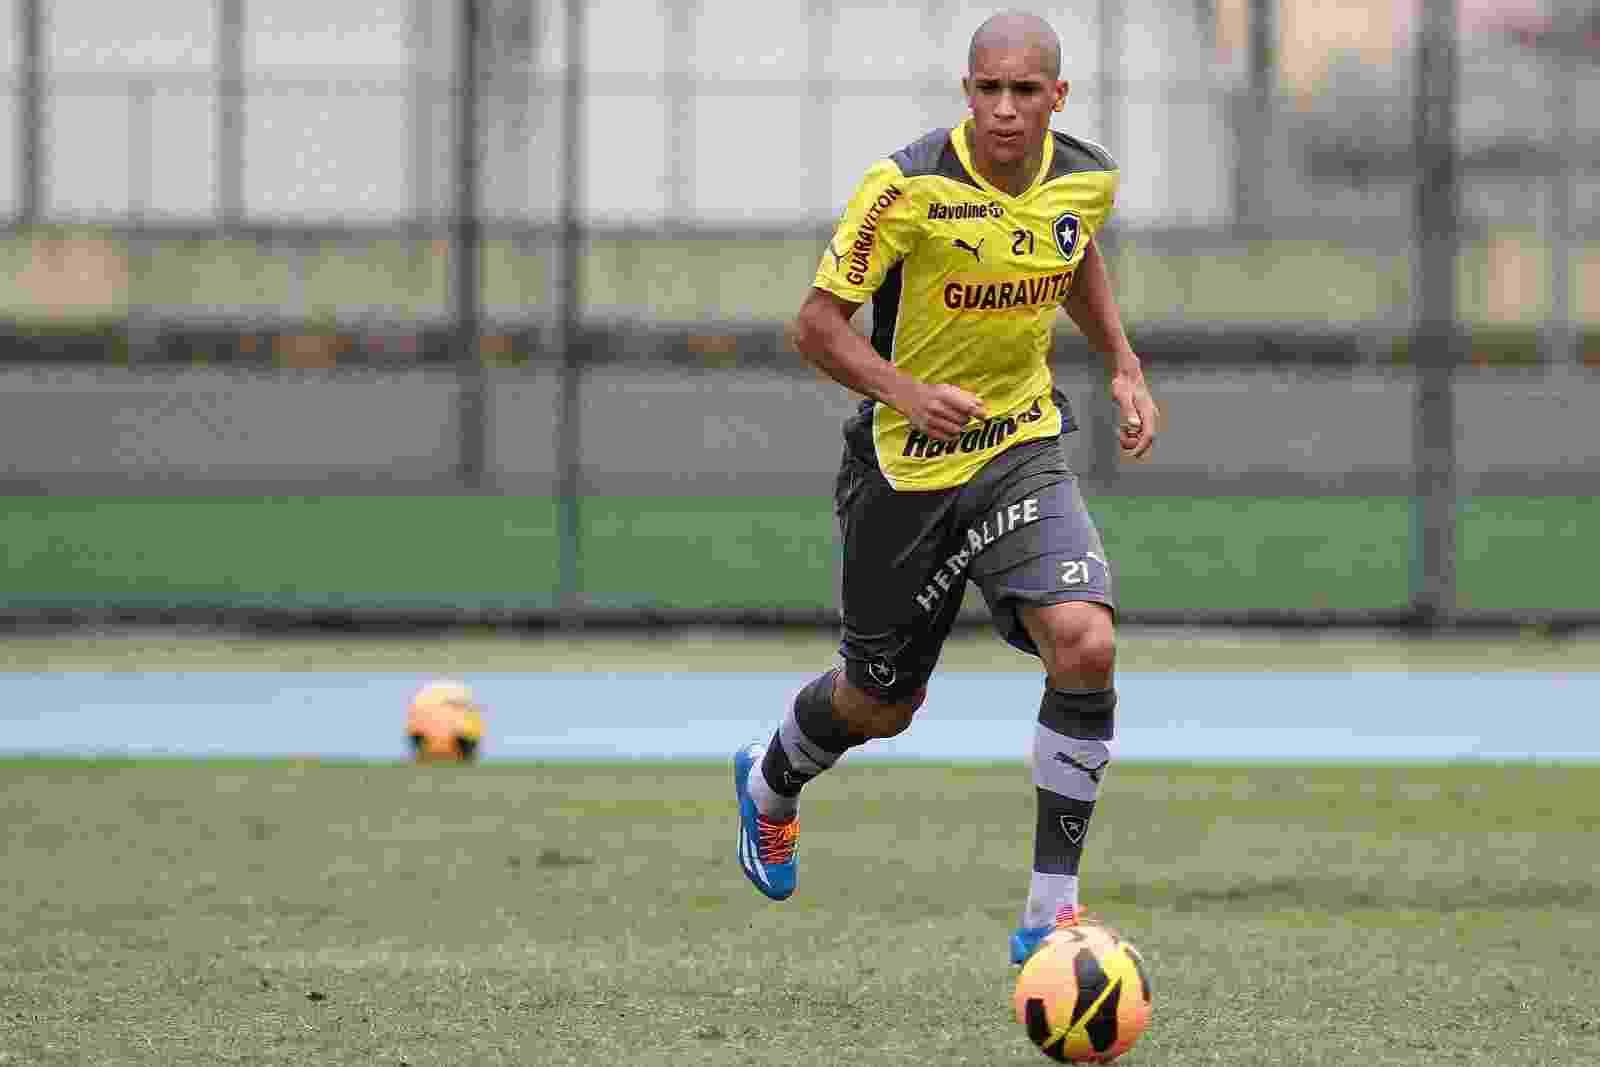 9.nov.2013 - Dória carrega a bola durante treinamento do Botafogo no campo anexo do Engenhão - Vitor Silva / SSPress